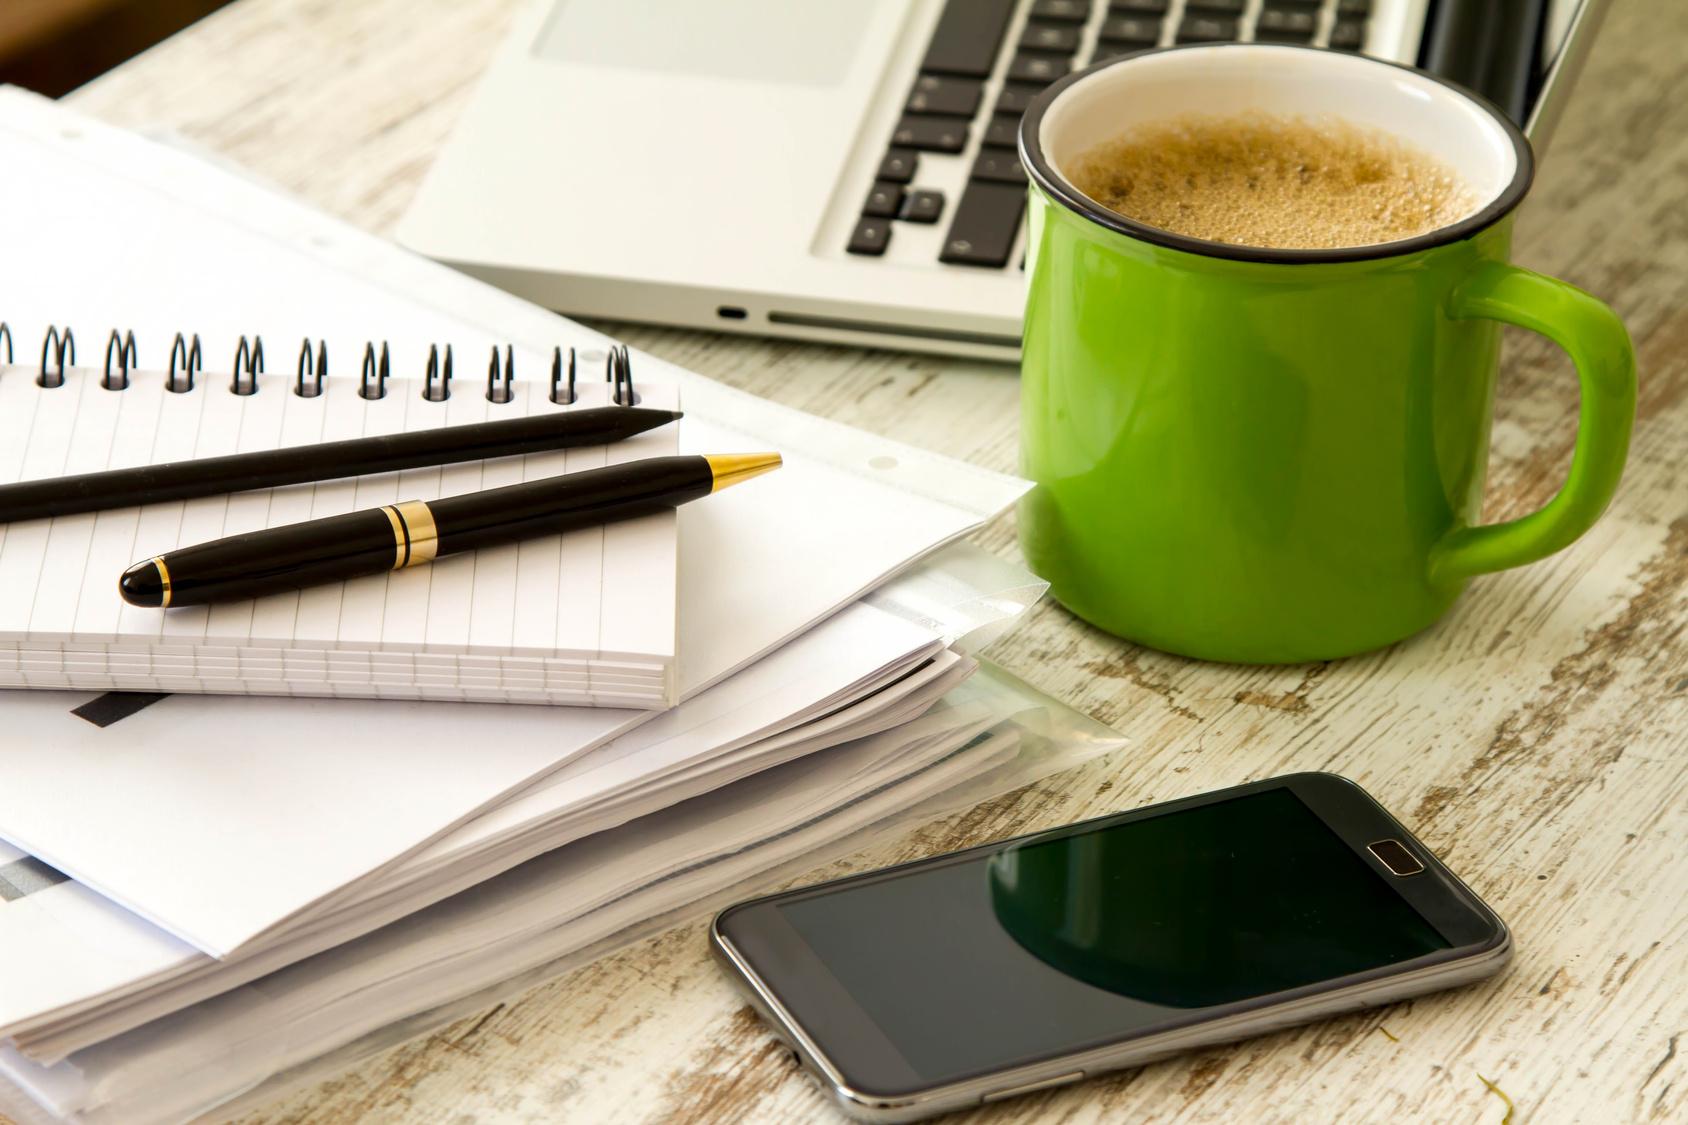 Bewerbung schreiben: der umfassende Ratgeber